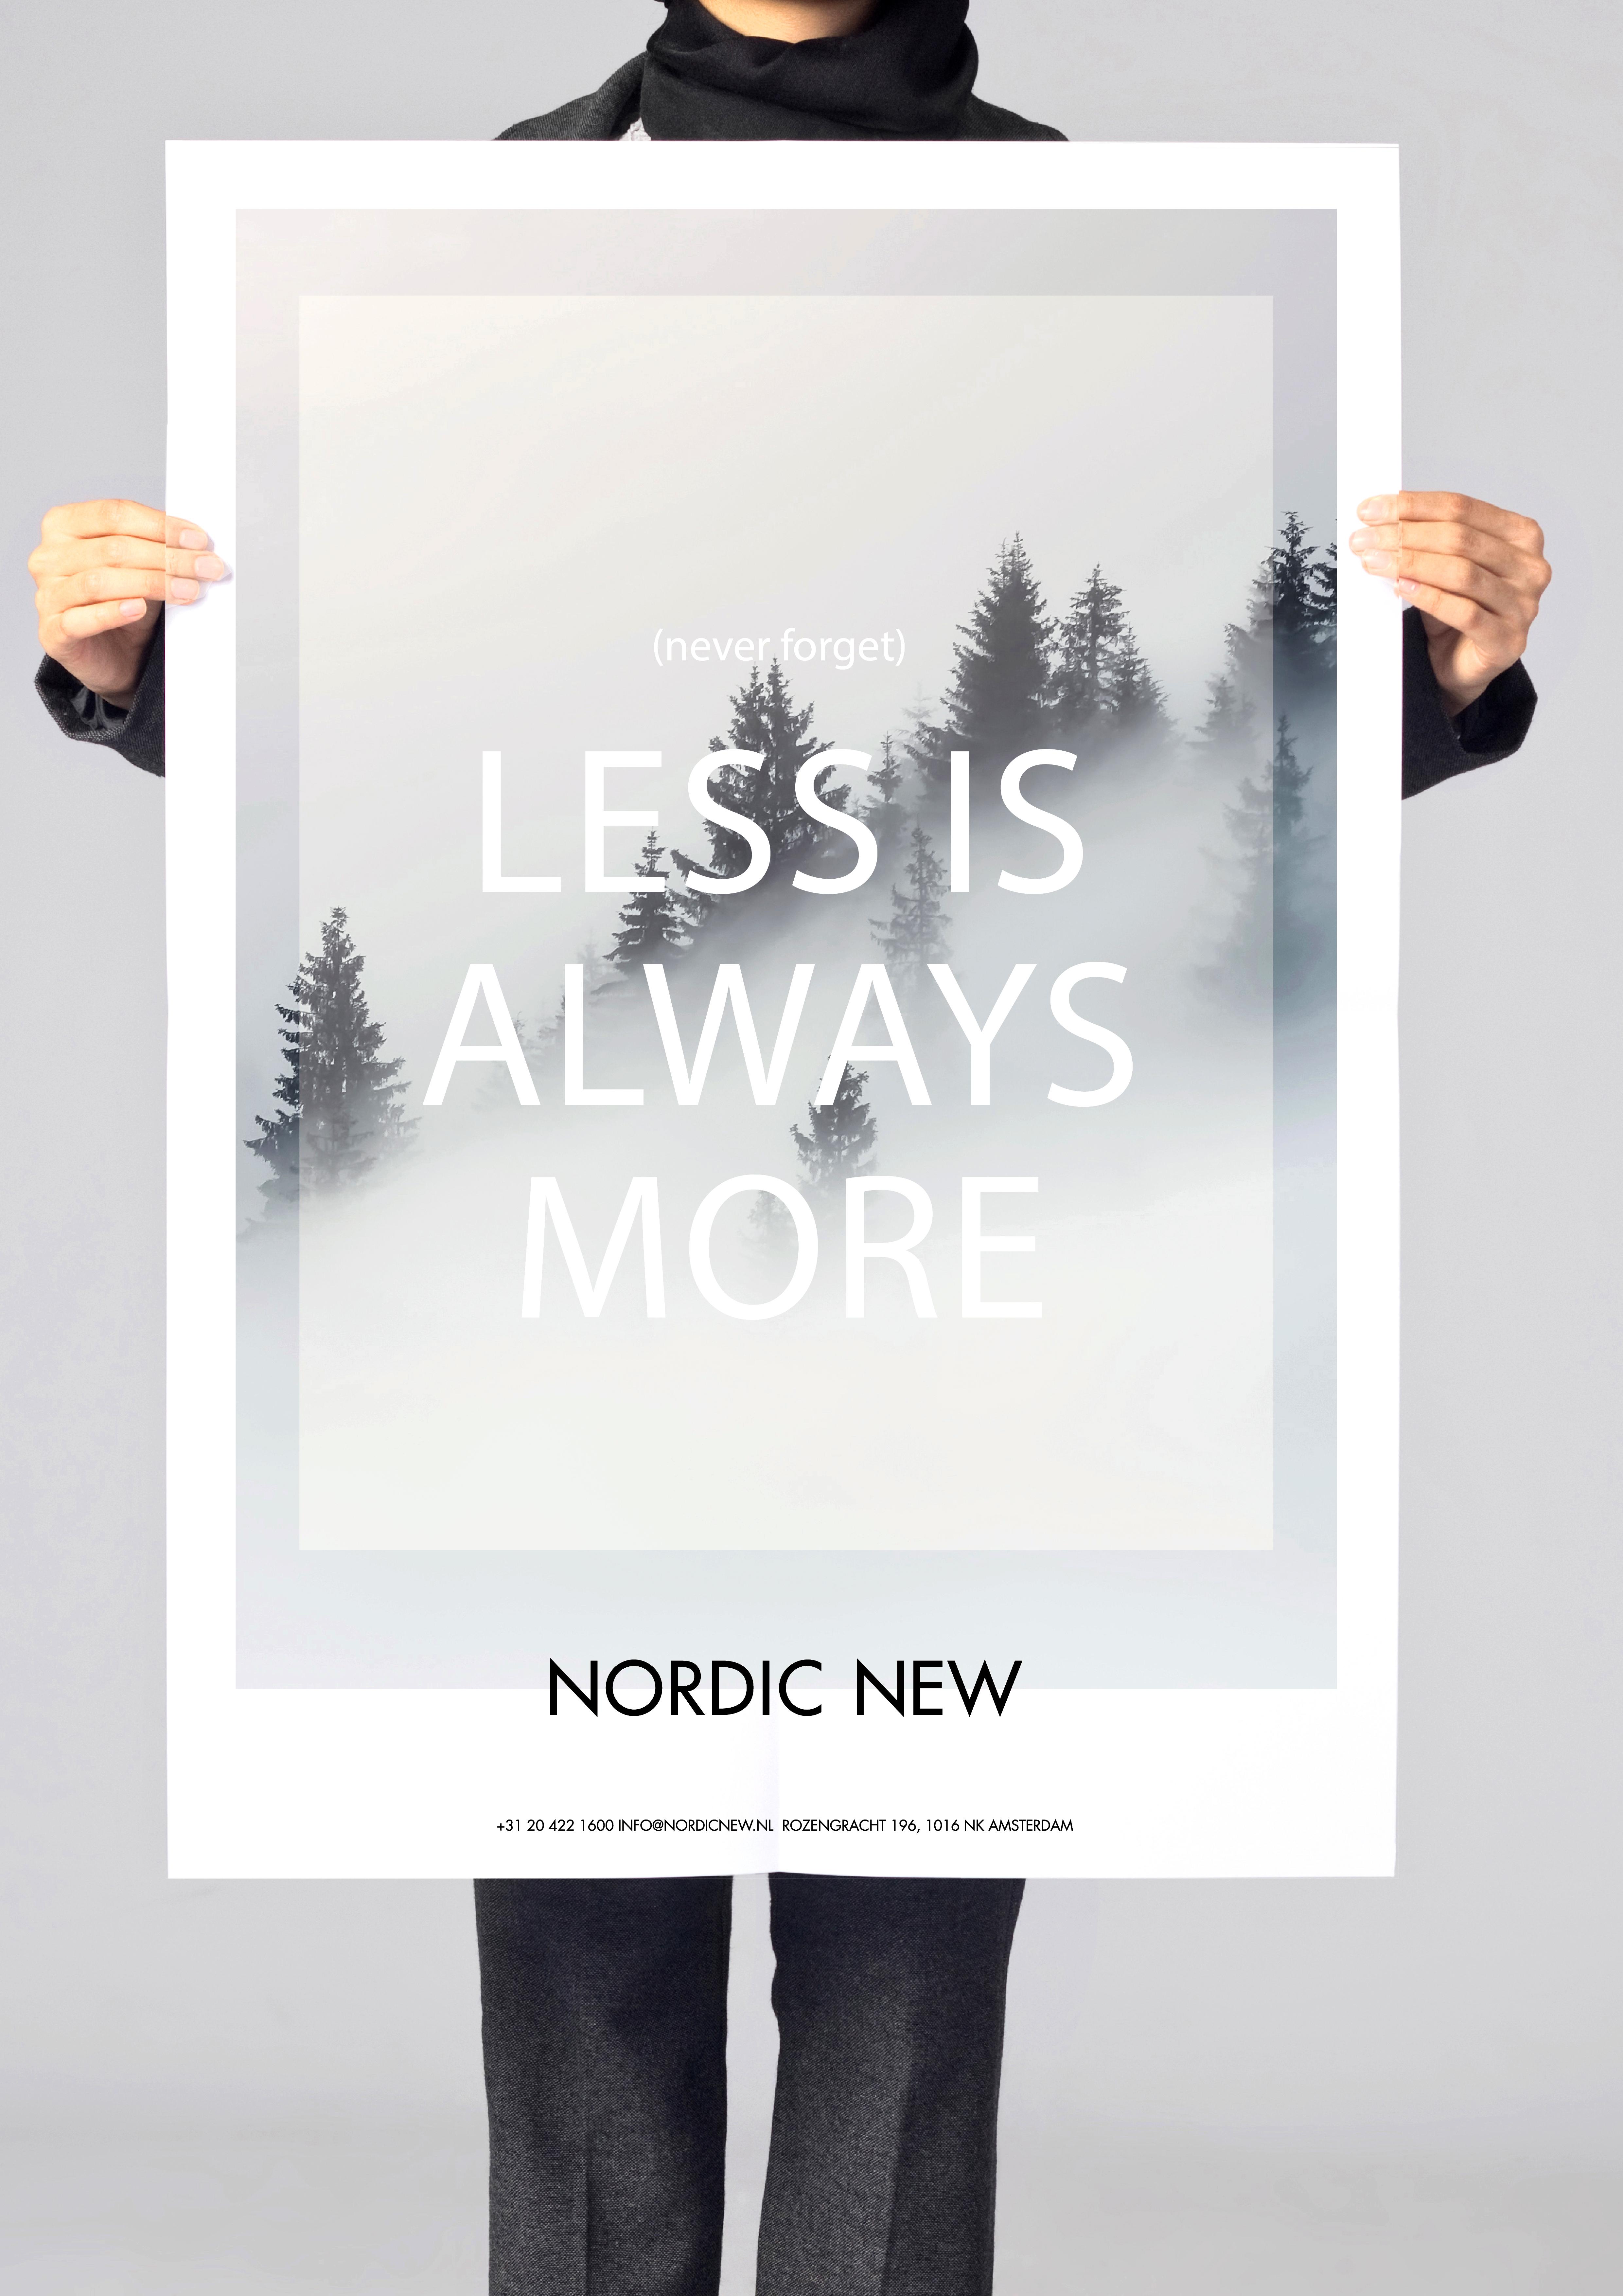 NORDIC NEW 6/6